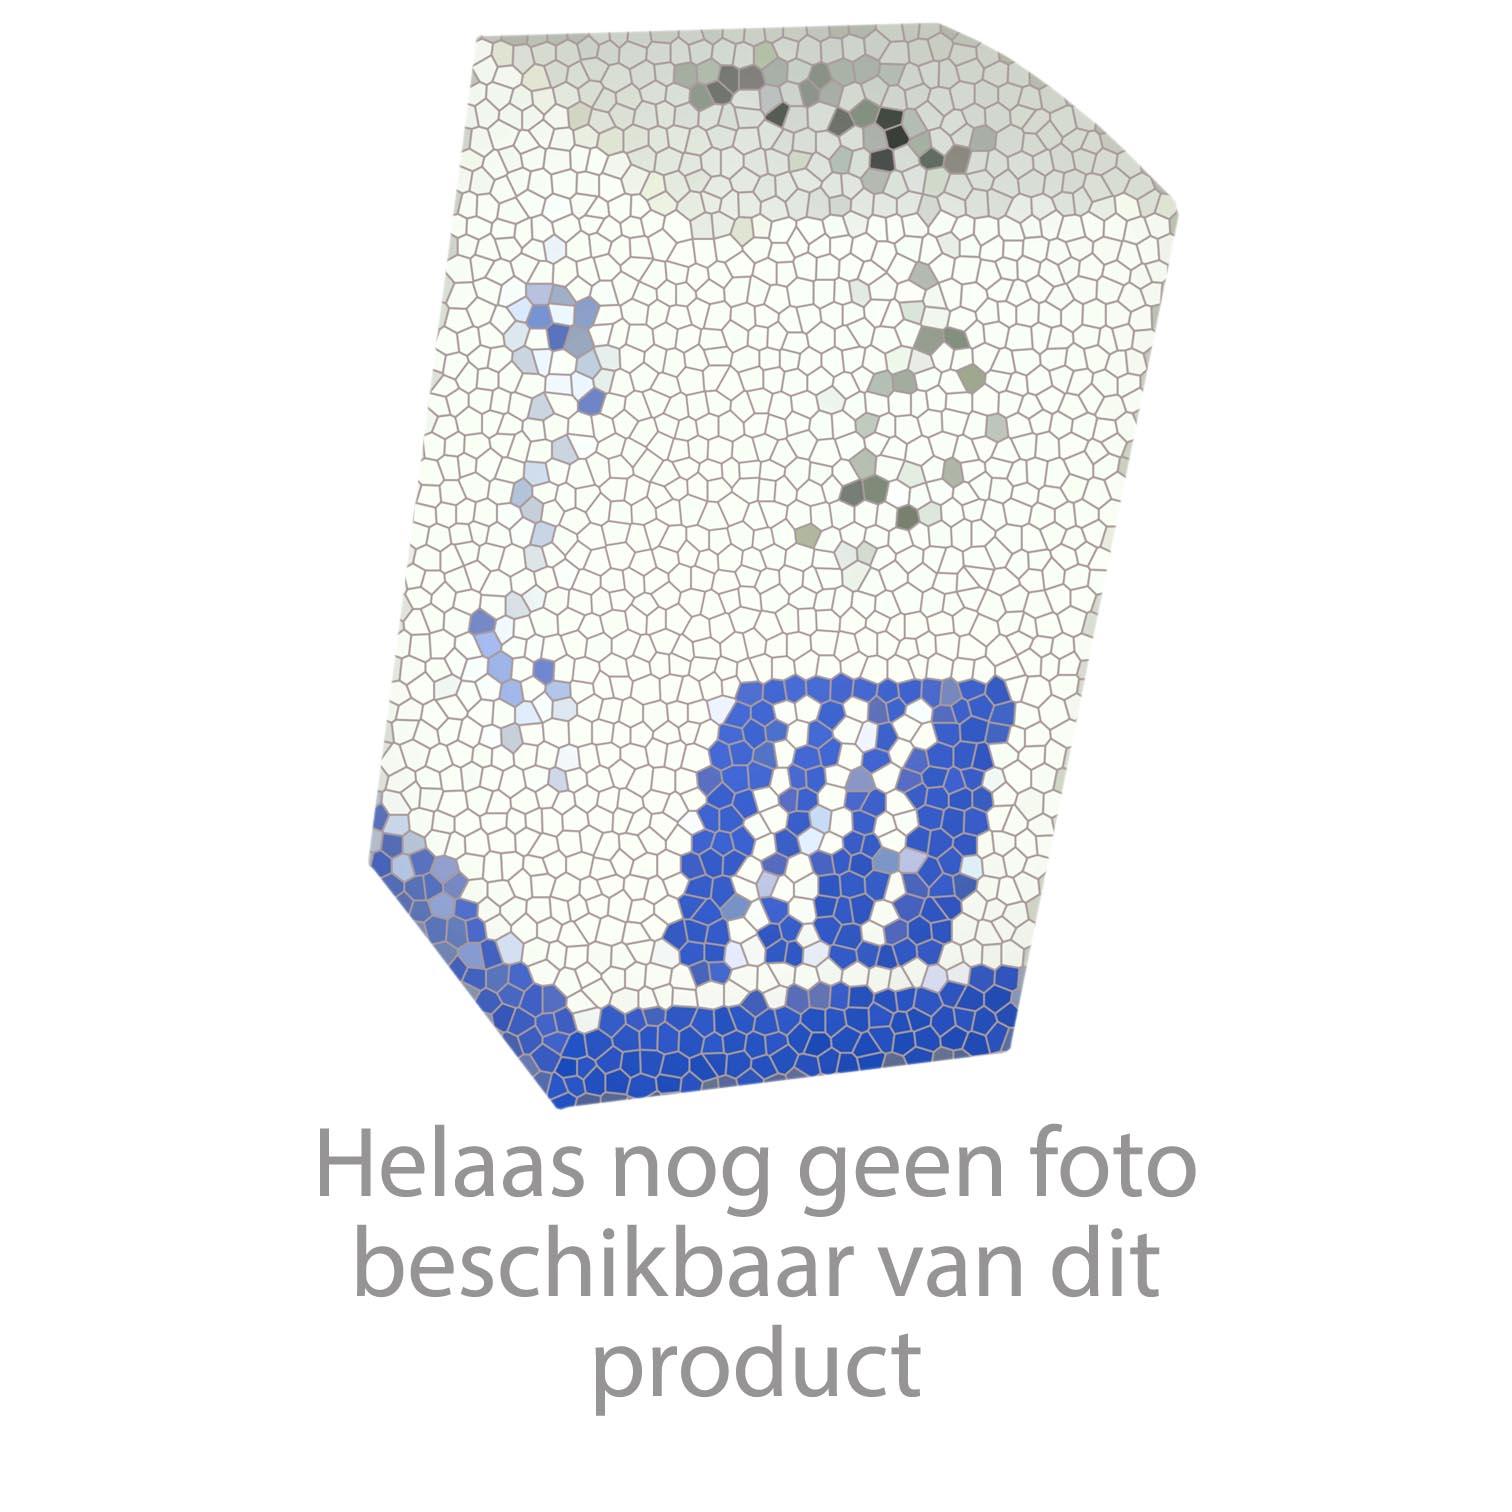 HansGrohe Keukenmengkranen Allegra Linea (Metropol) productiejaar 04/95 - 10/96 14812 onderdelen